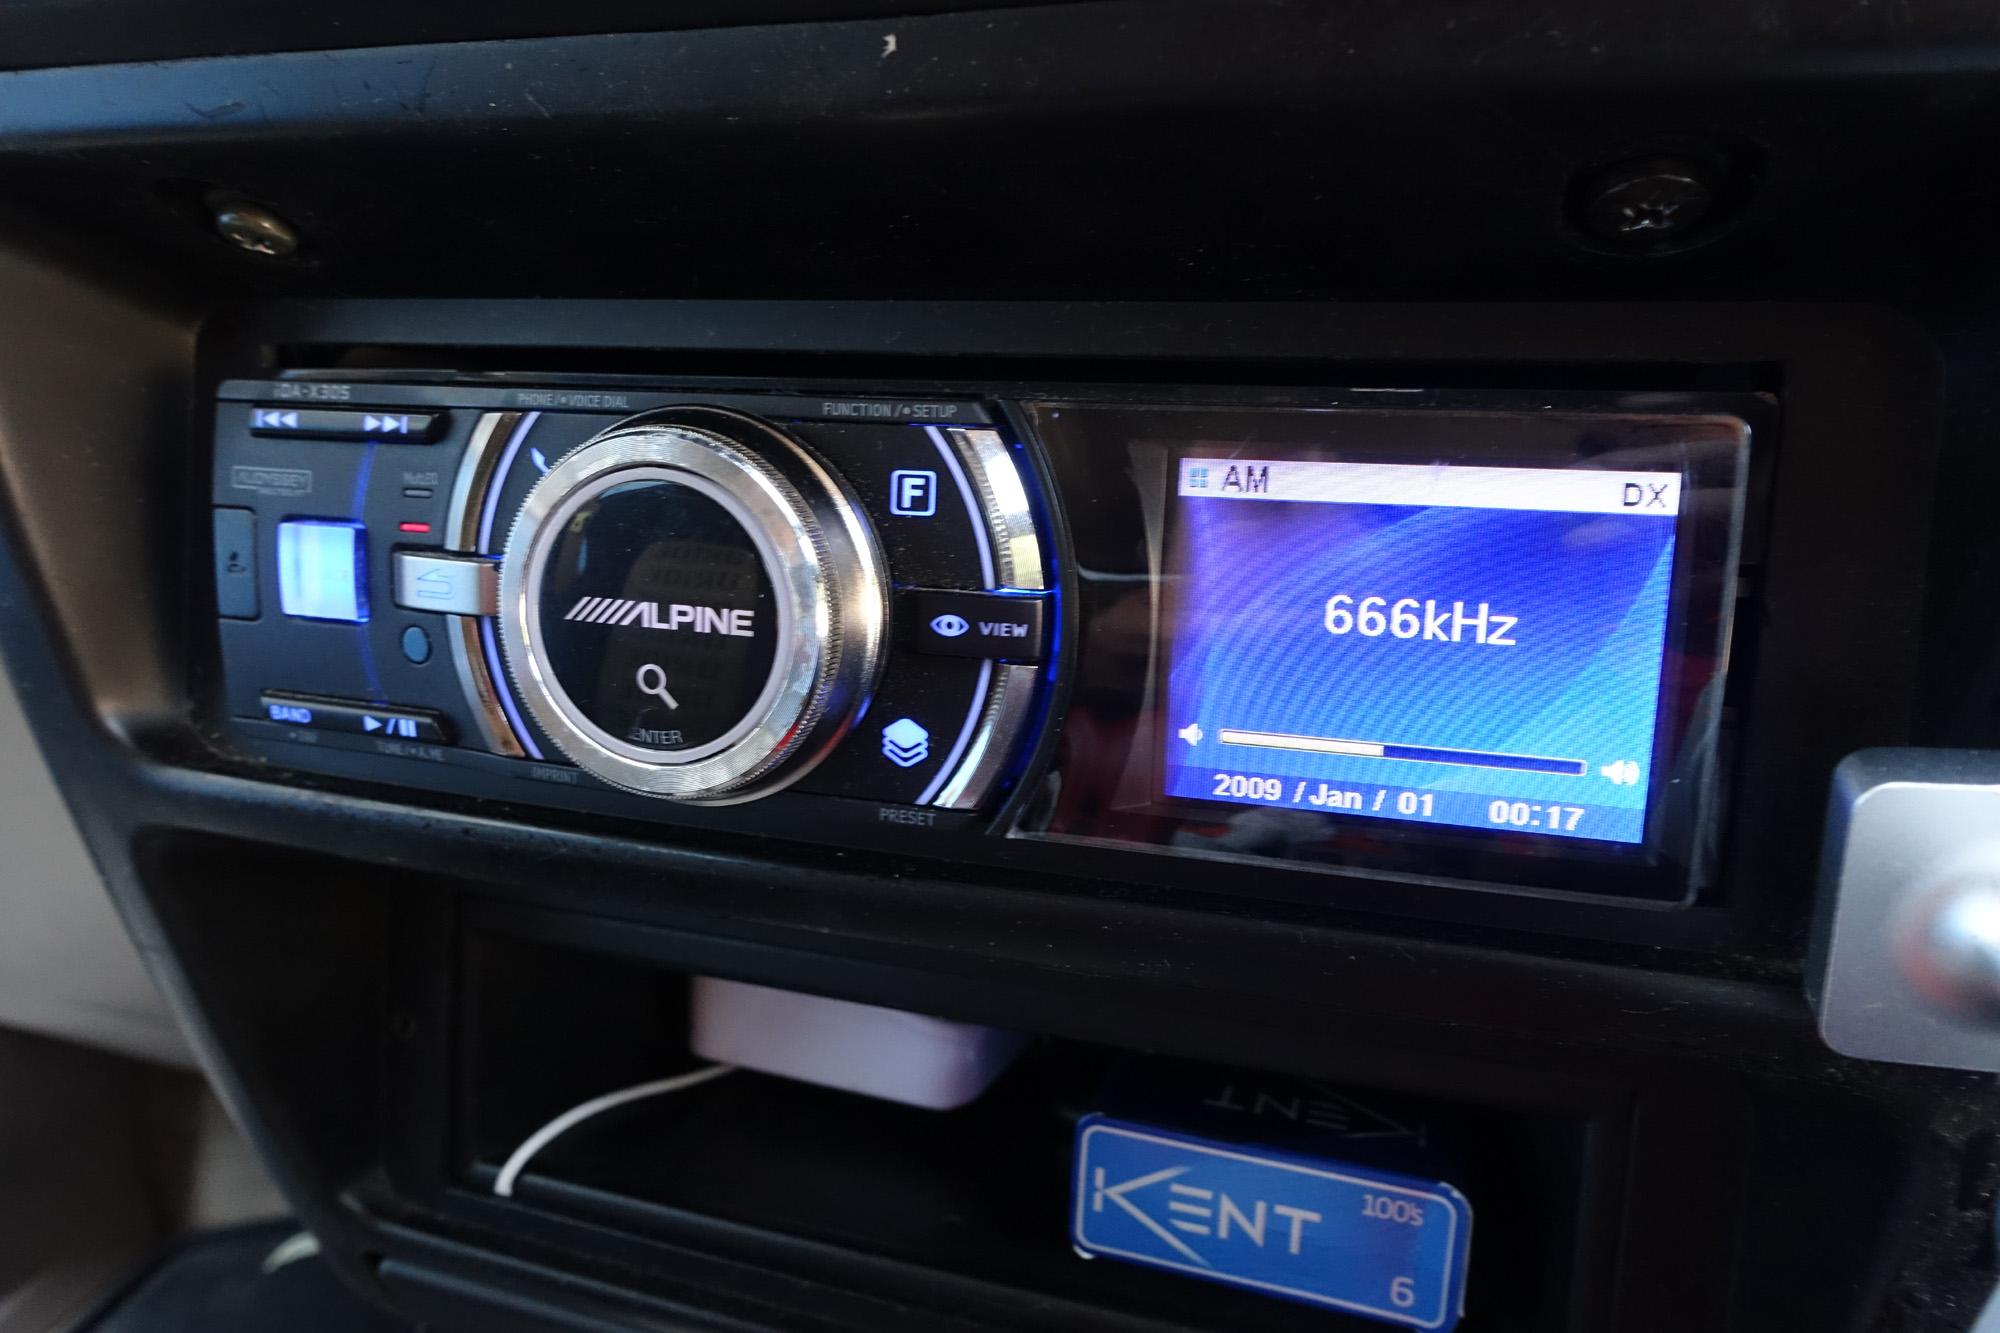 ビッグホーン オートラジオアンテナ折れて応急処置。 ALPIN iDA-X001からiDA-X305に交換